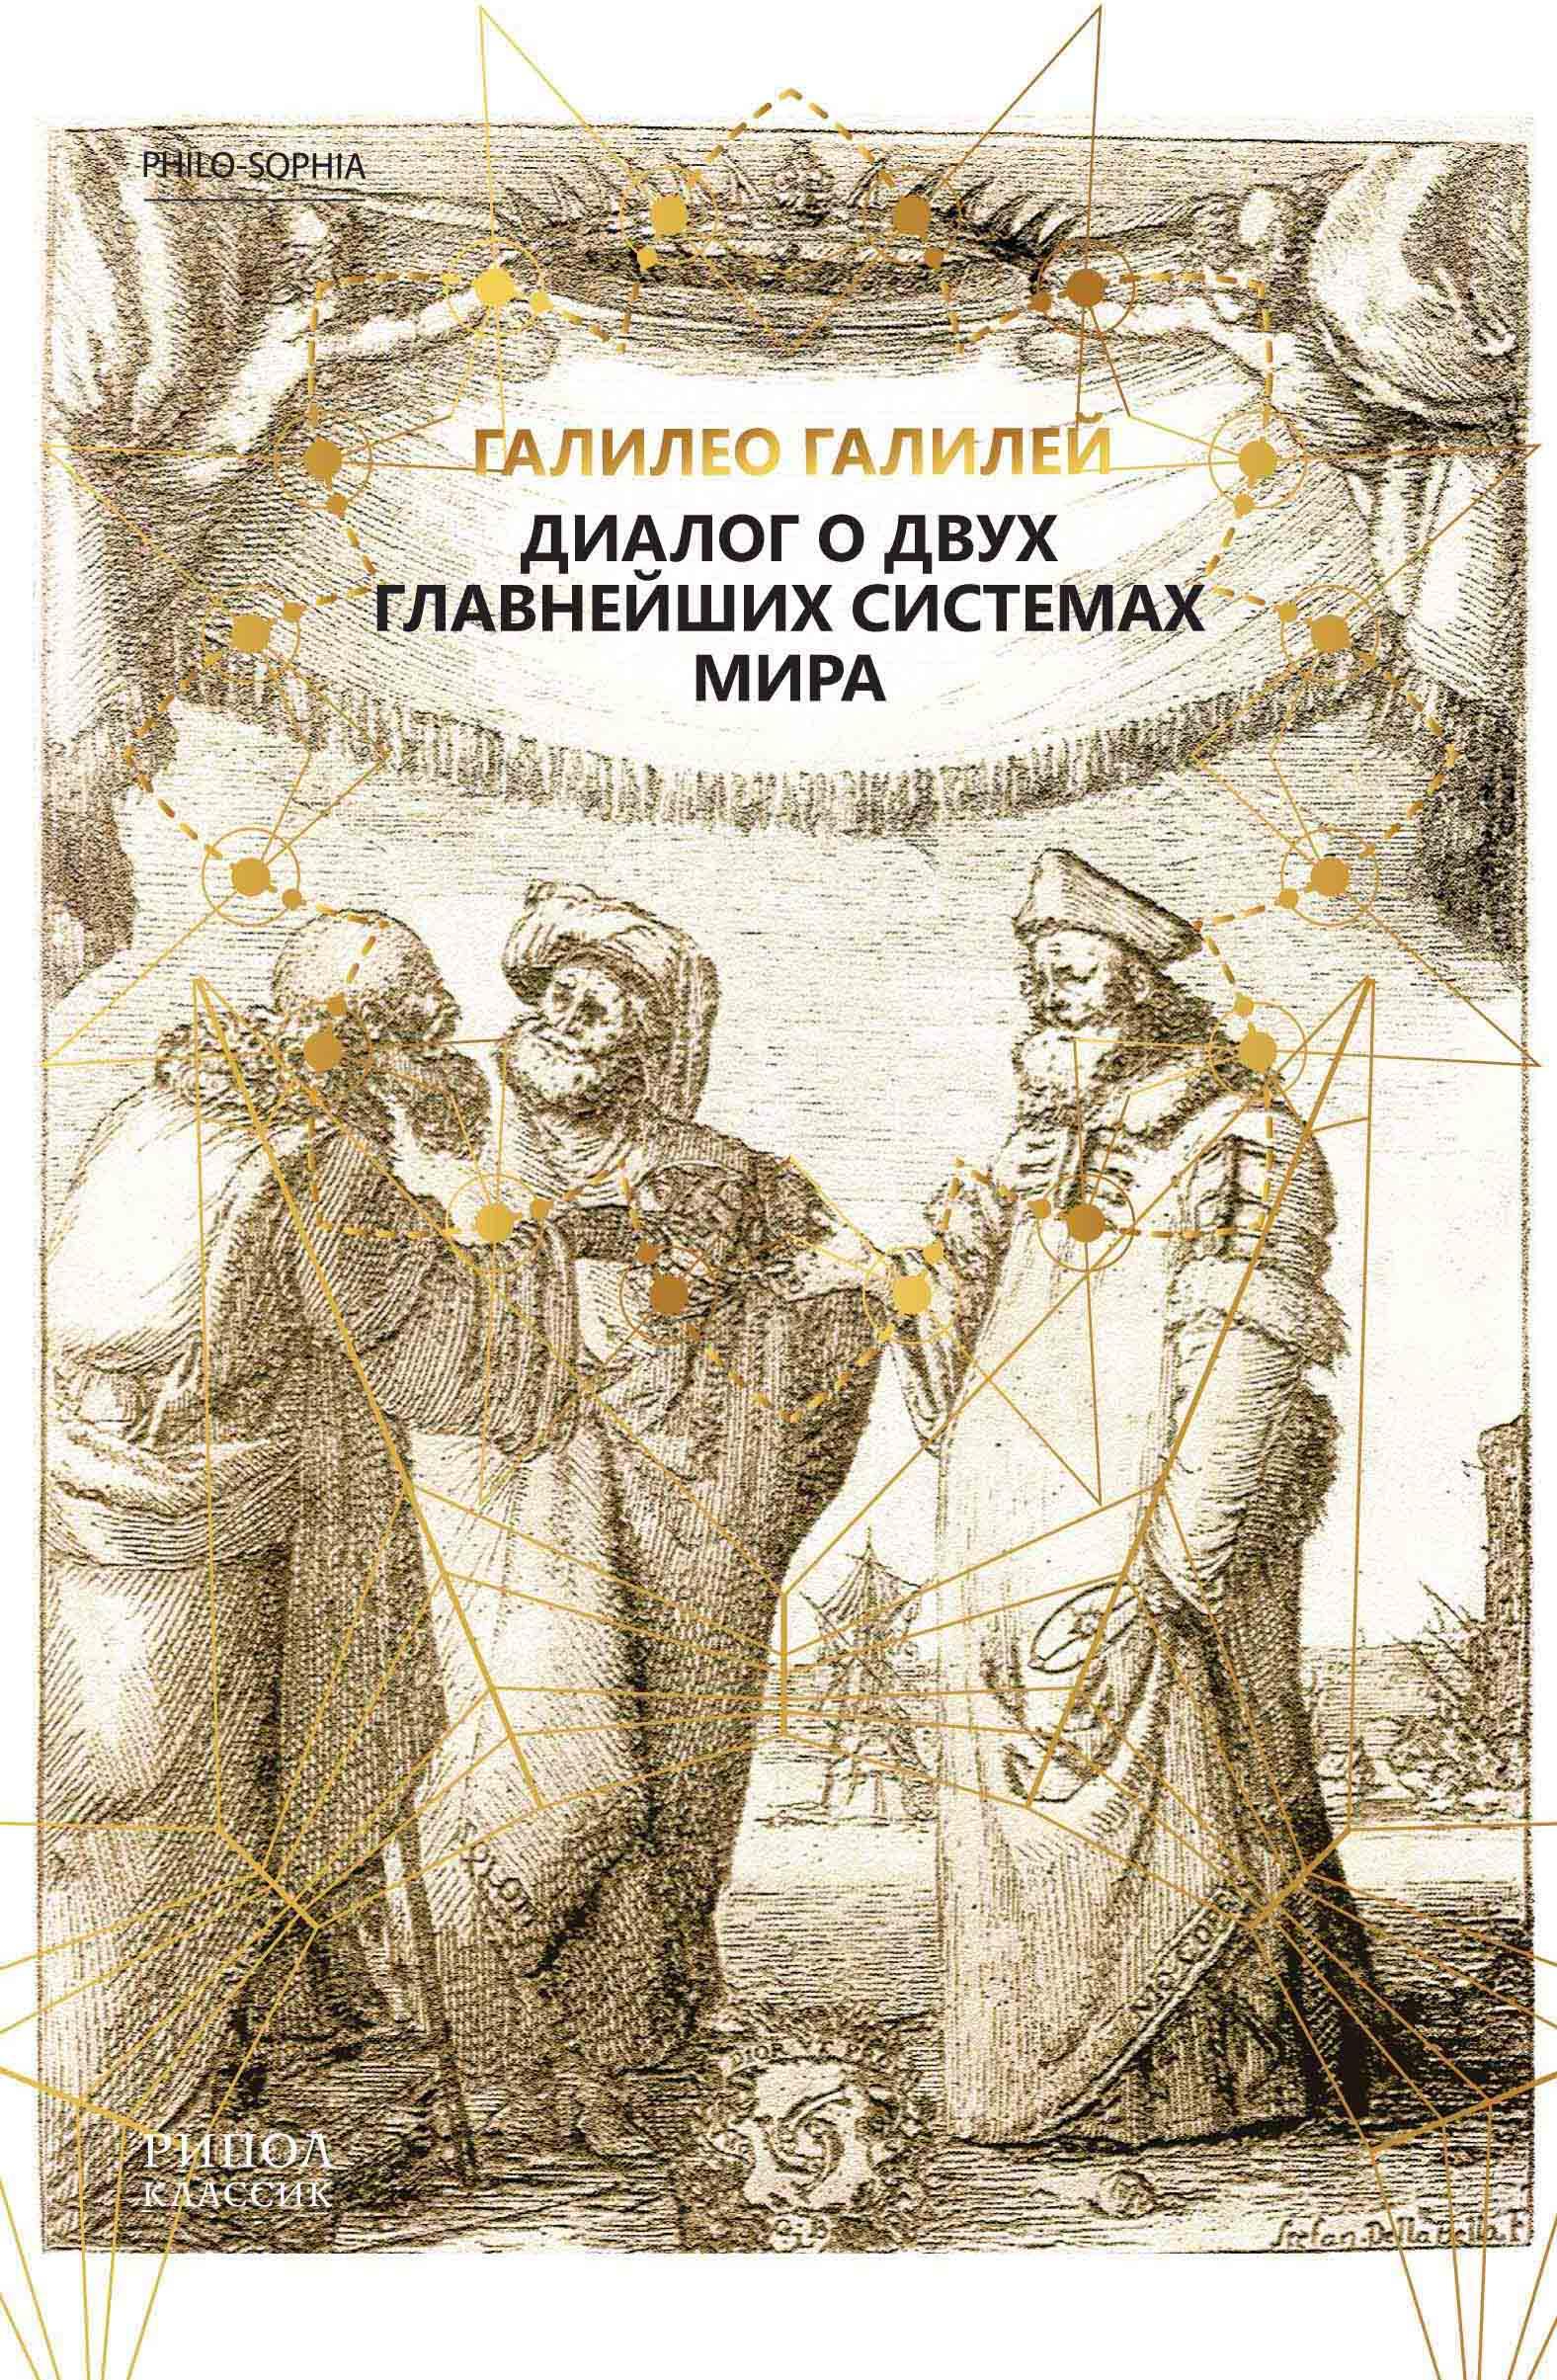 Галилео Галилей Диалог о двух главнейших системах мира